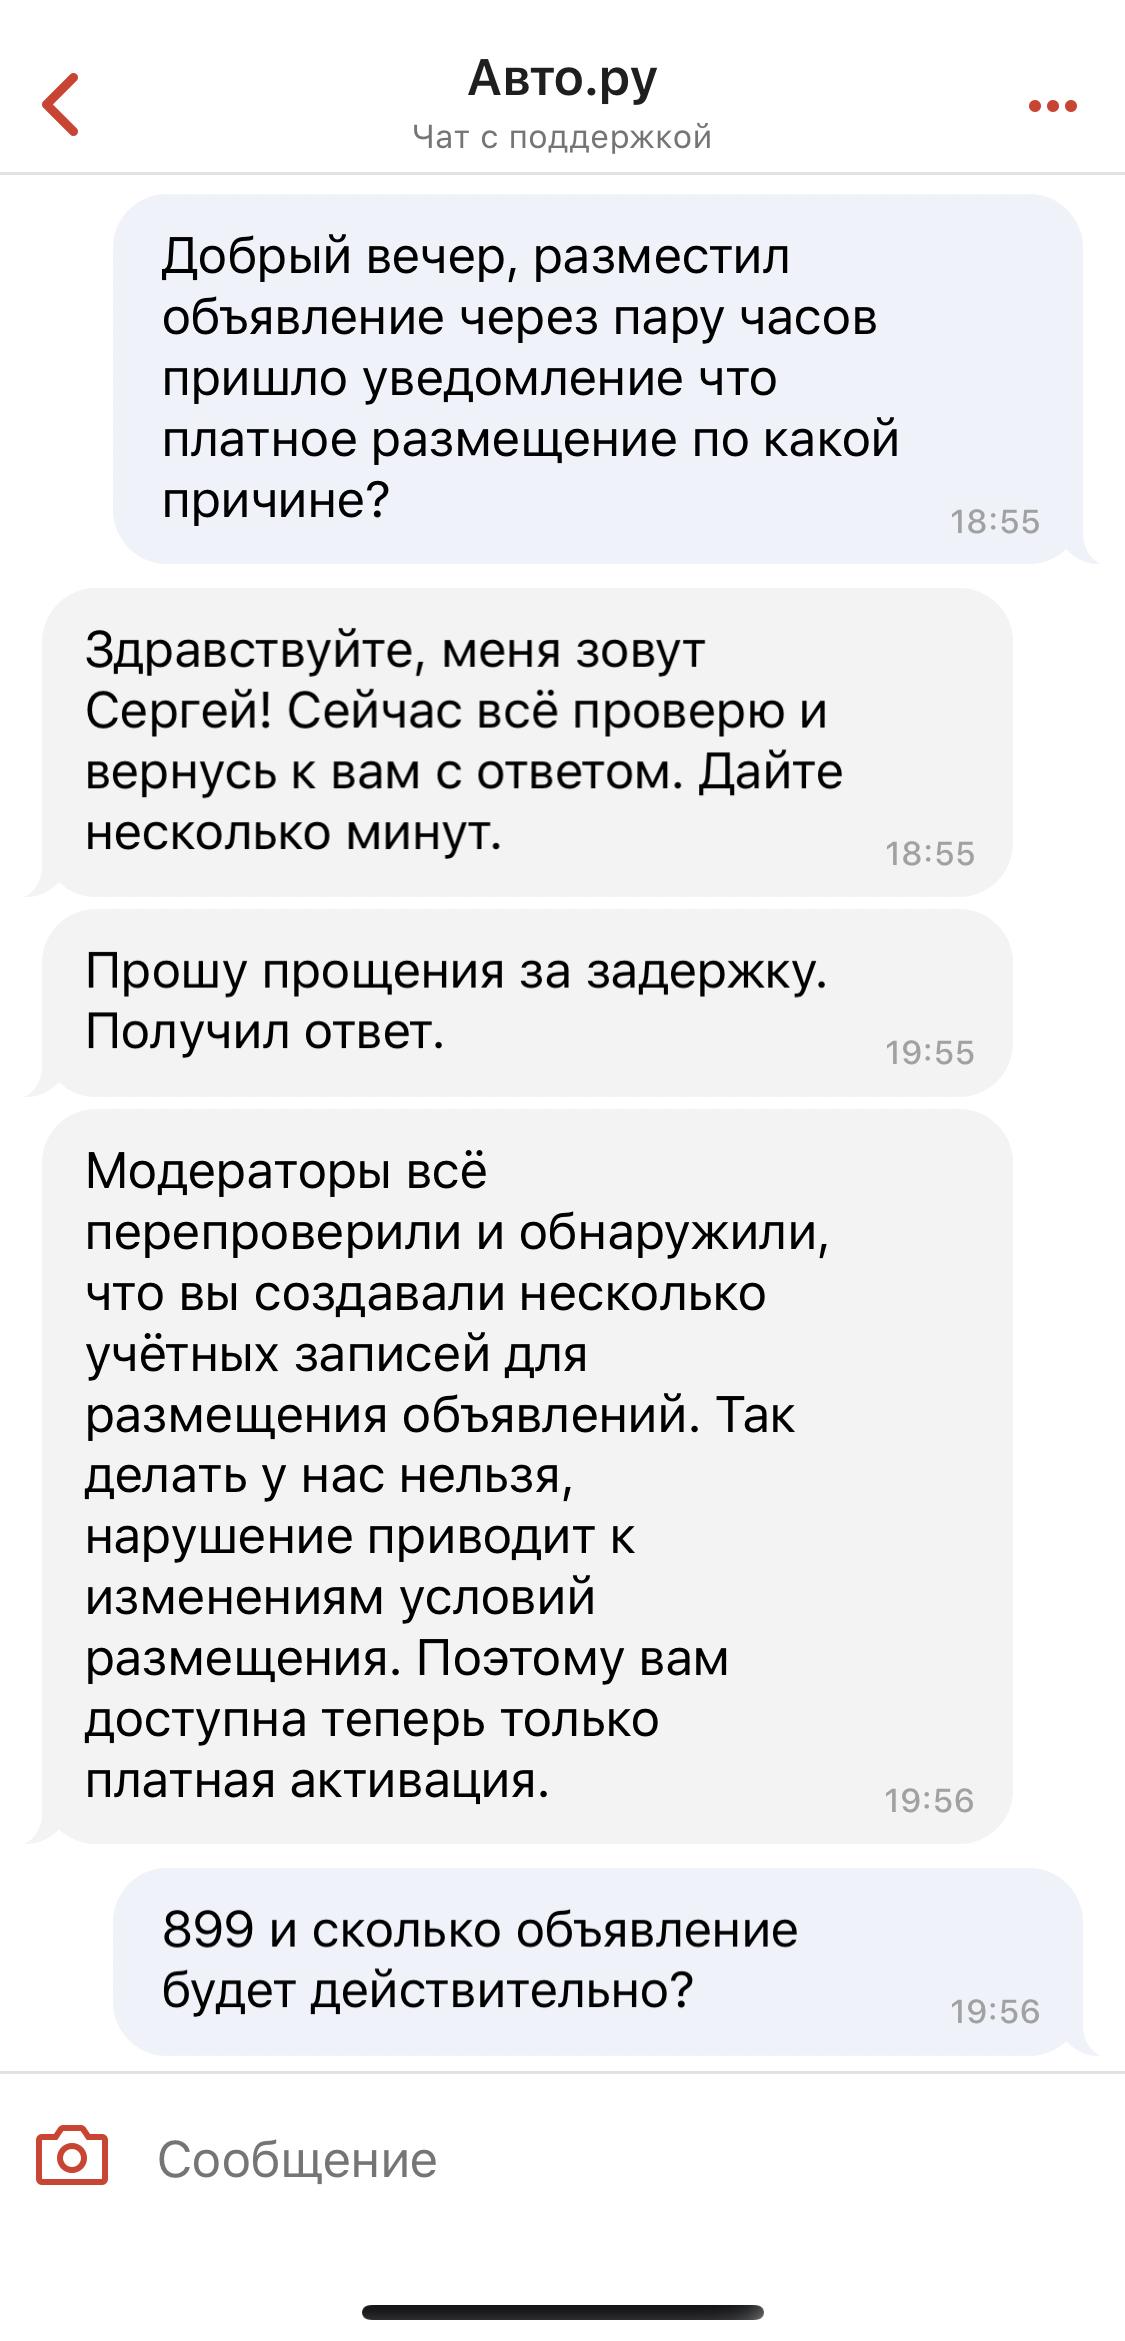 Как взять деньги в долг на мтс 50 рублей на телефон россия